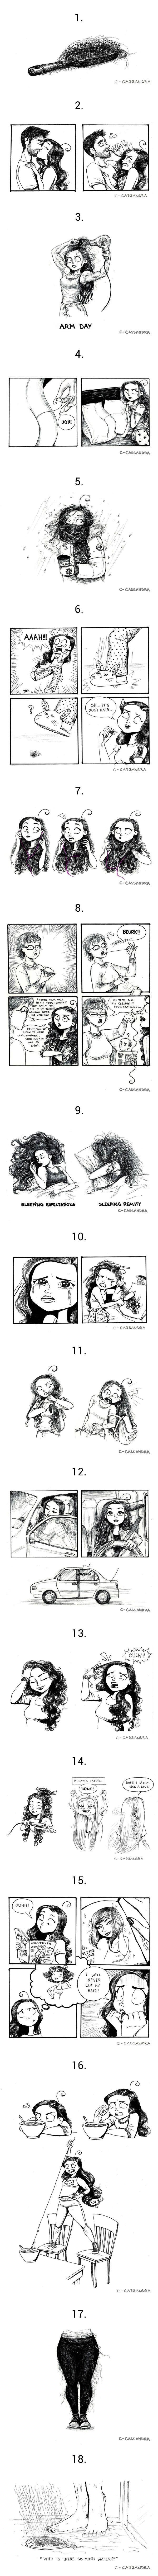 18 problemas que todas las chicas con pelo demasiado largo van a entender - TKM Argentina